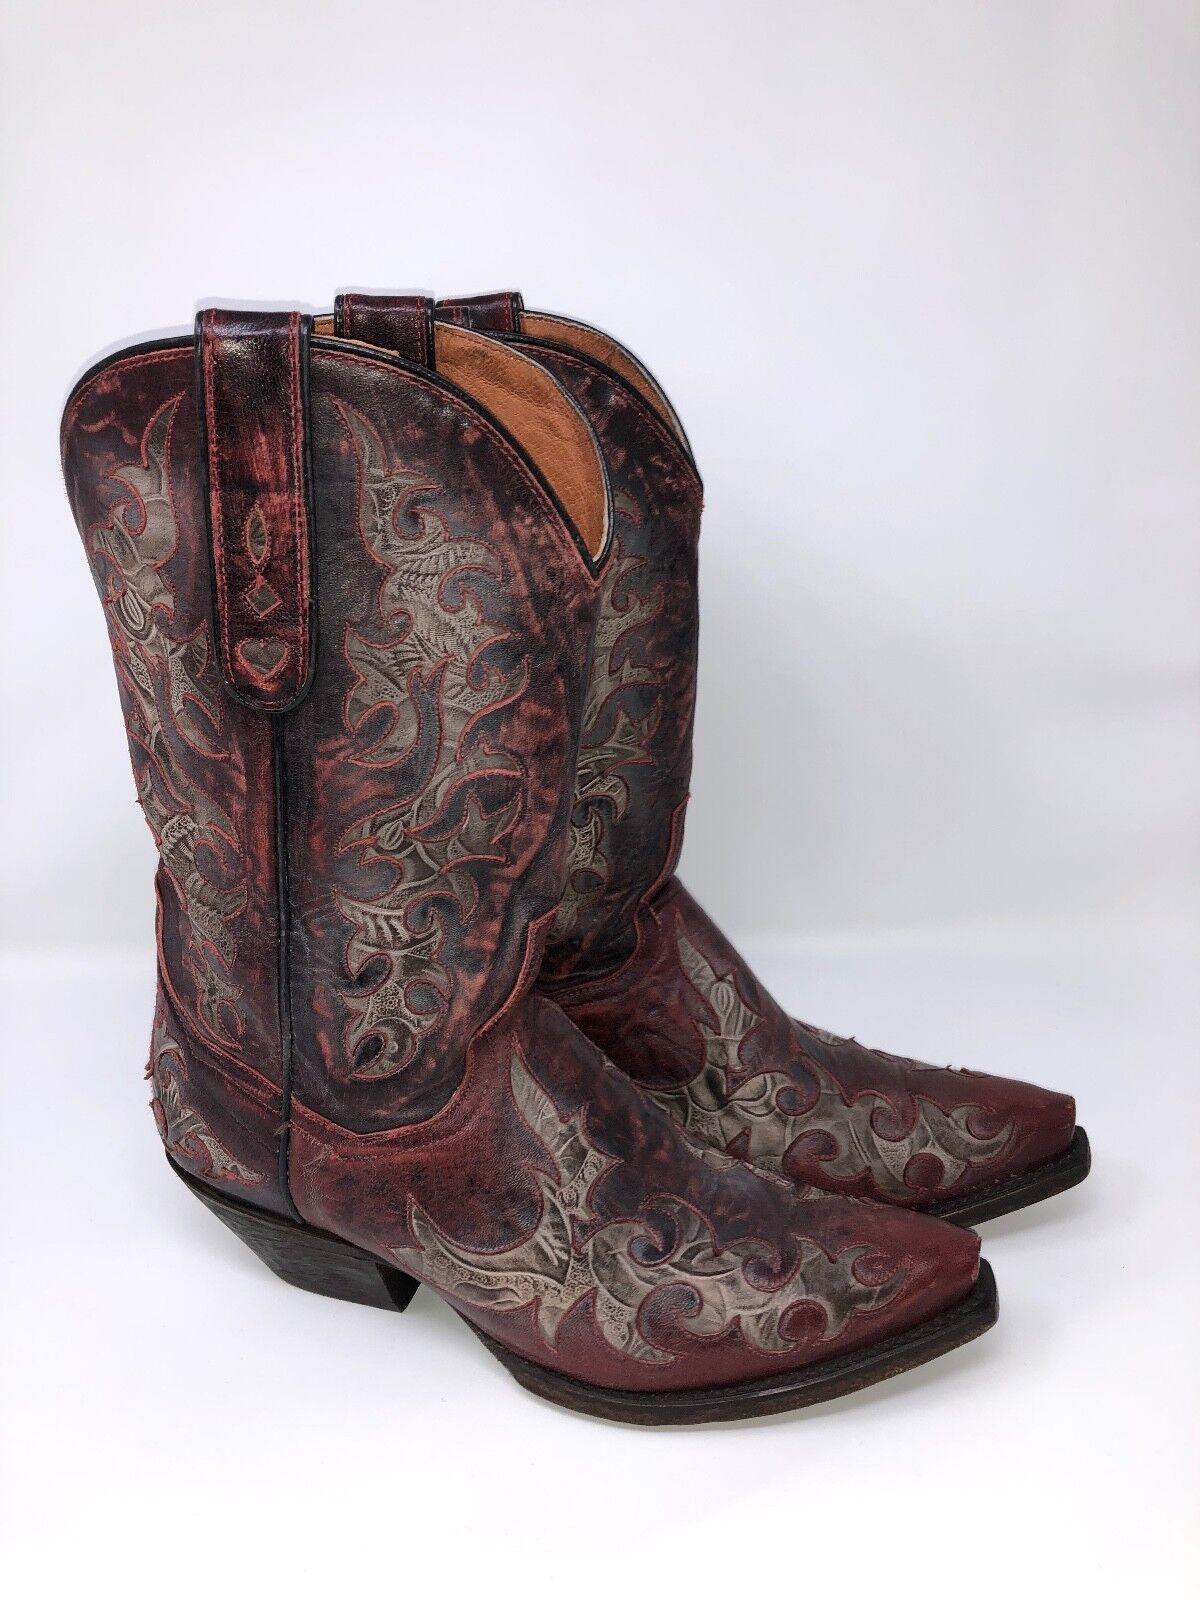 Para mujeres Cuero dan Post 11  Zephyr Zephyr Zephyr Lijado SNIP Toe botas occidental  los nuevos estilos calientes